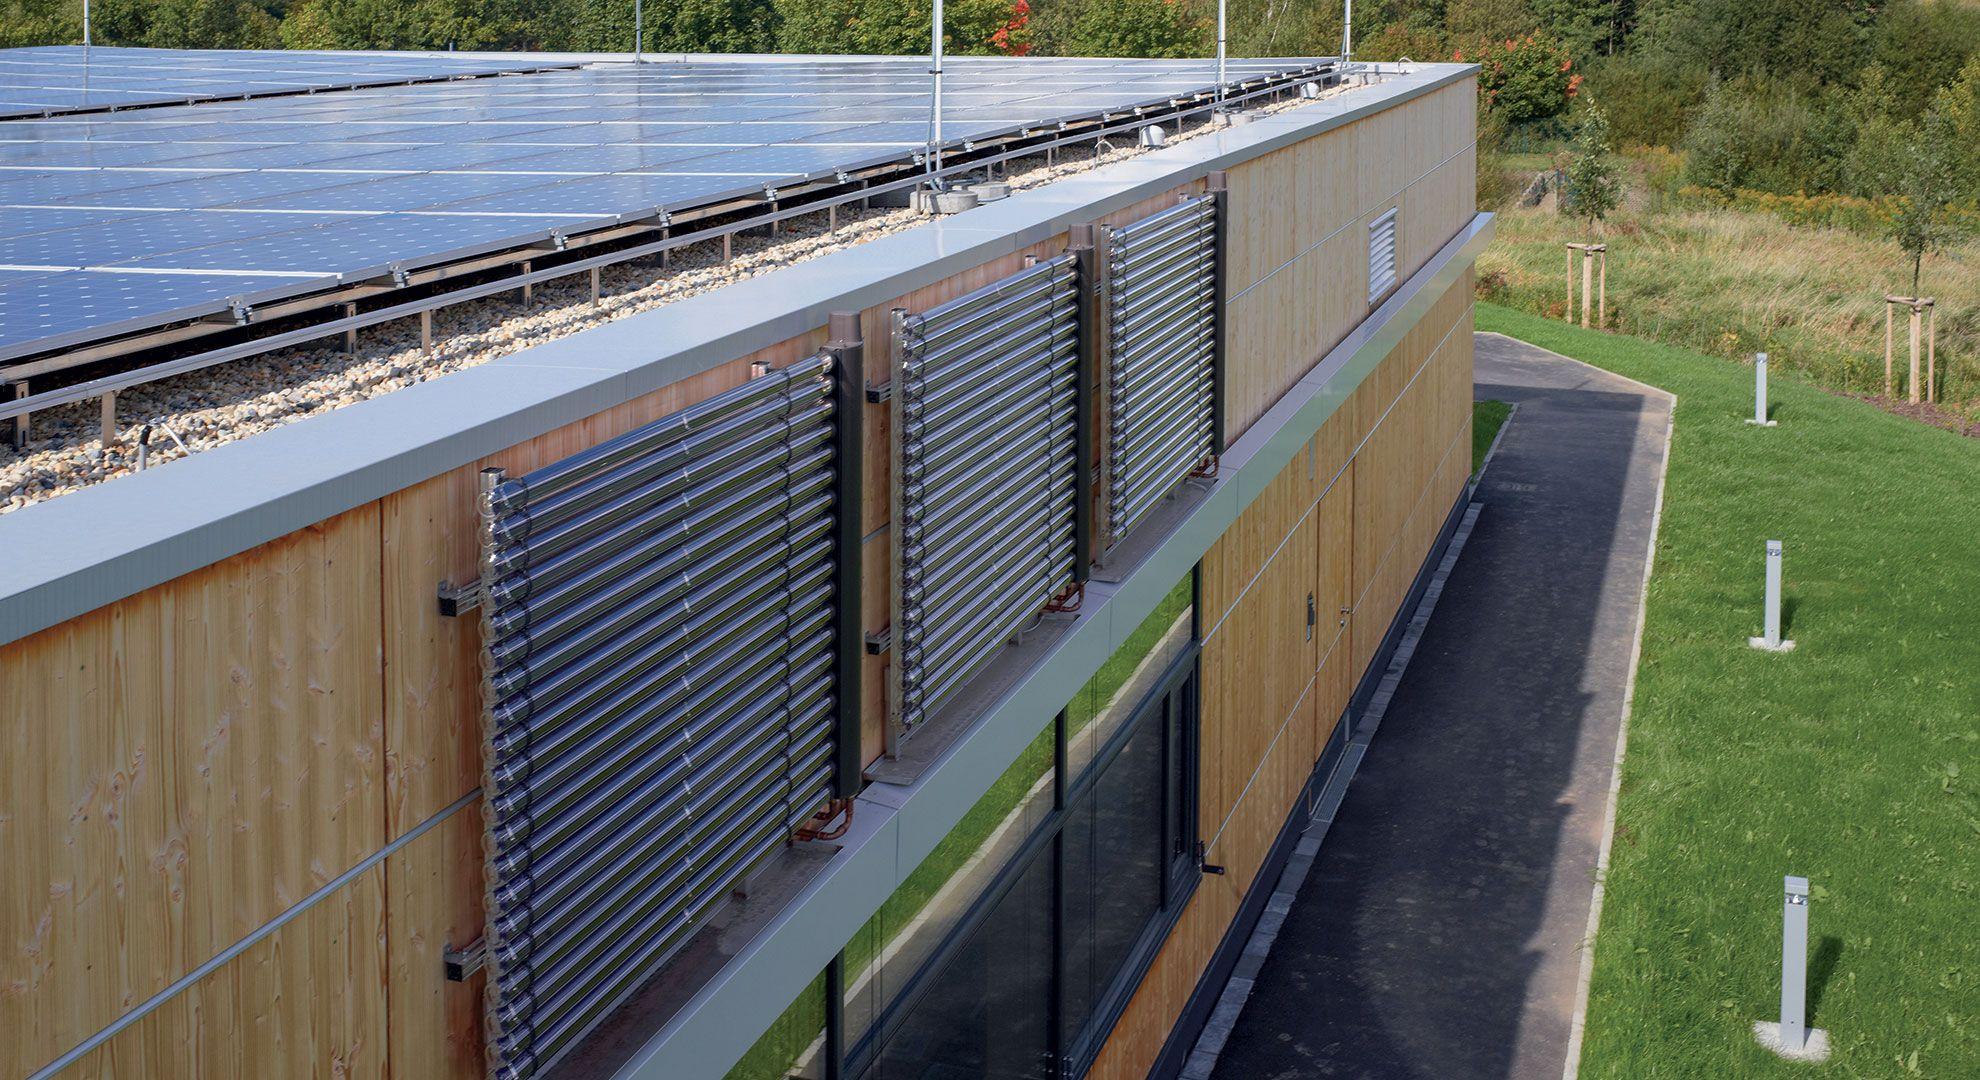 Pannelli Solari Termici Da Balcone pannello solare termico: piano o sottovuoto